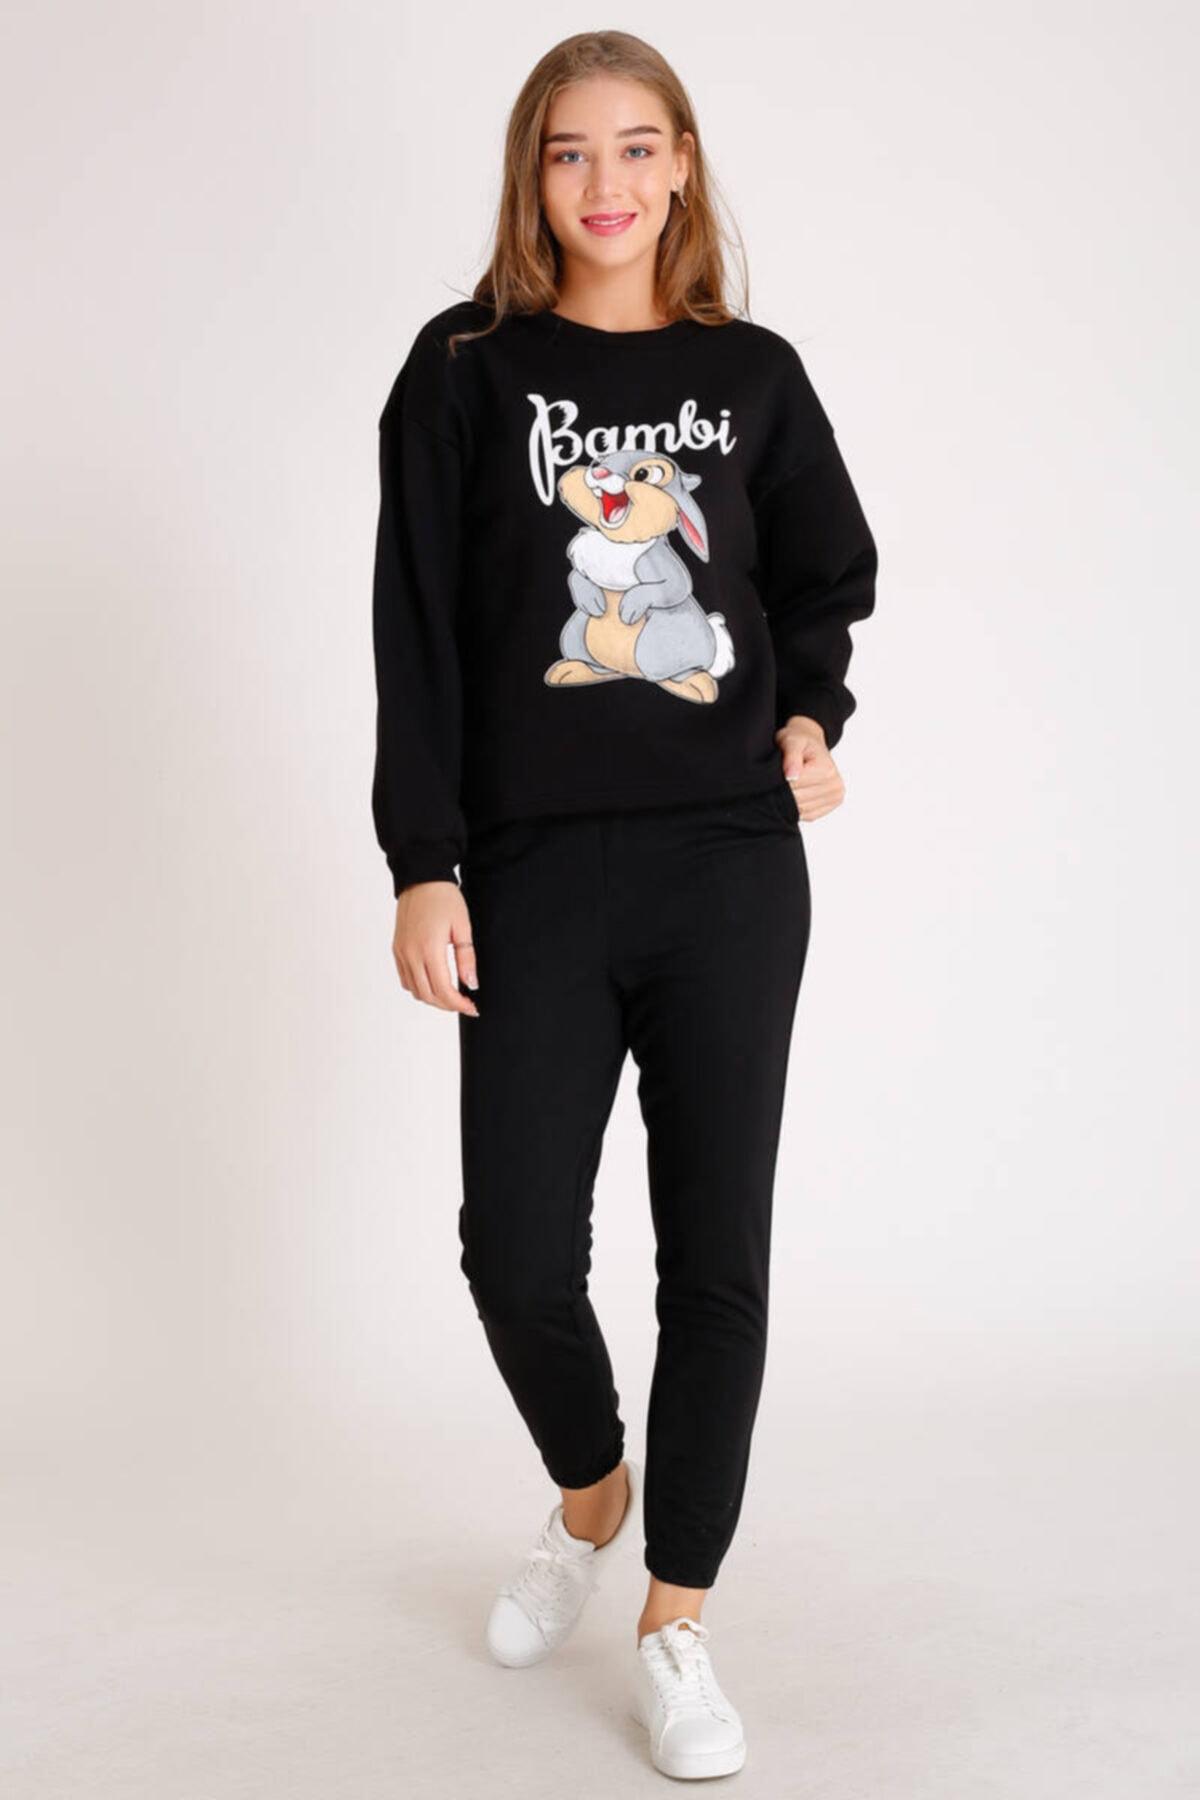 Zechka Bambi Baskılı Sweatshirt (Zck068) 1